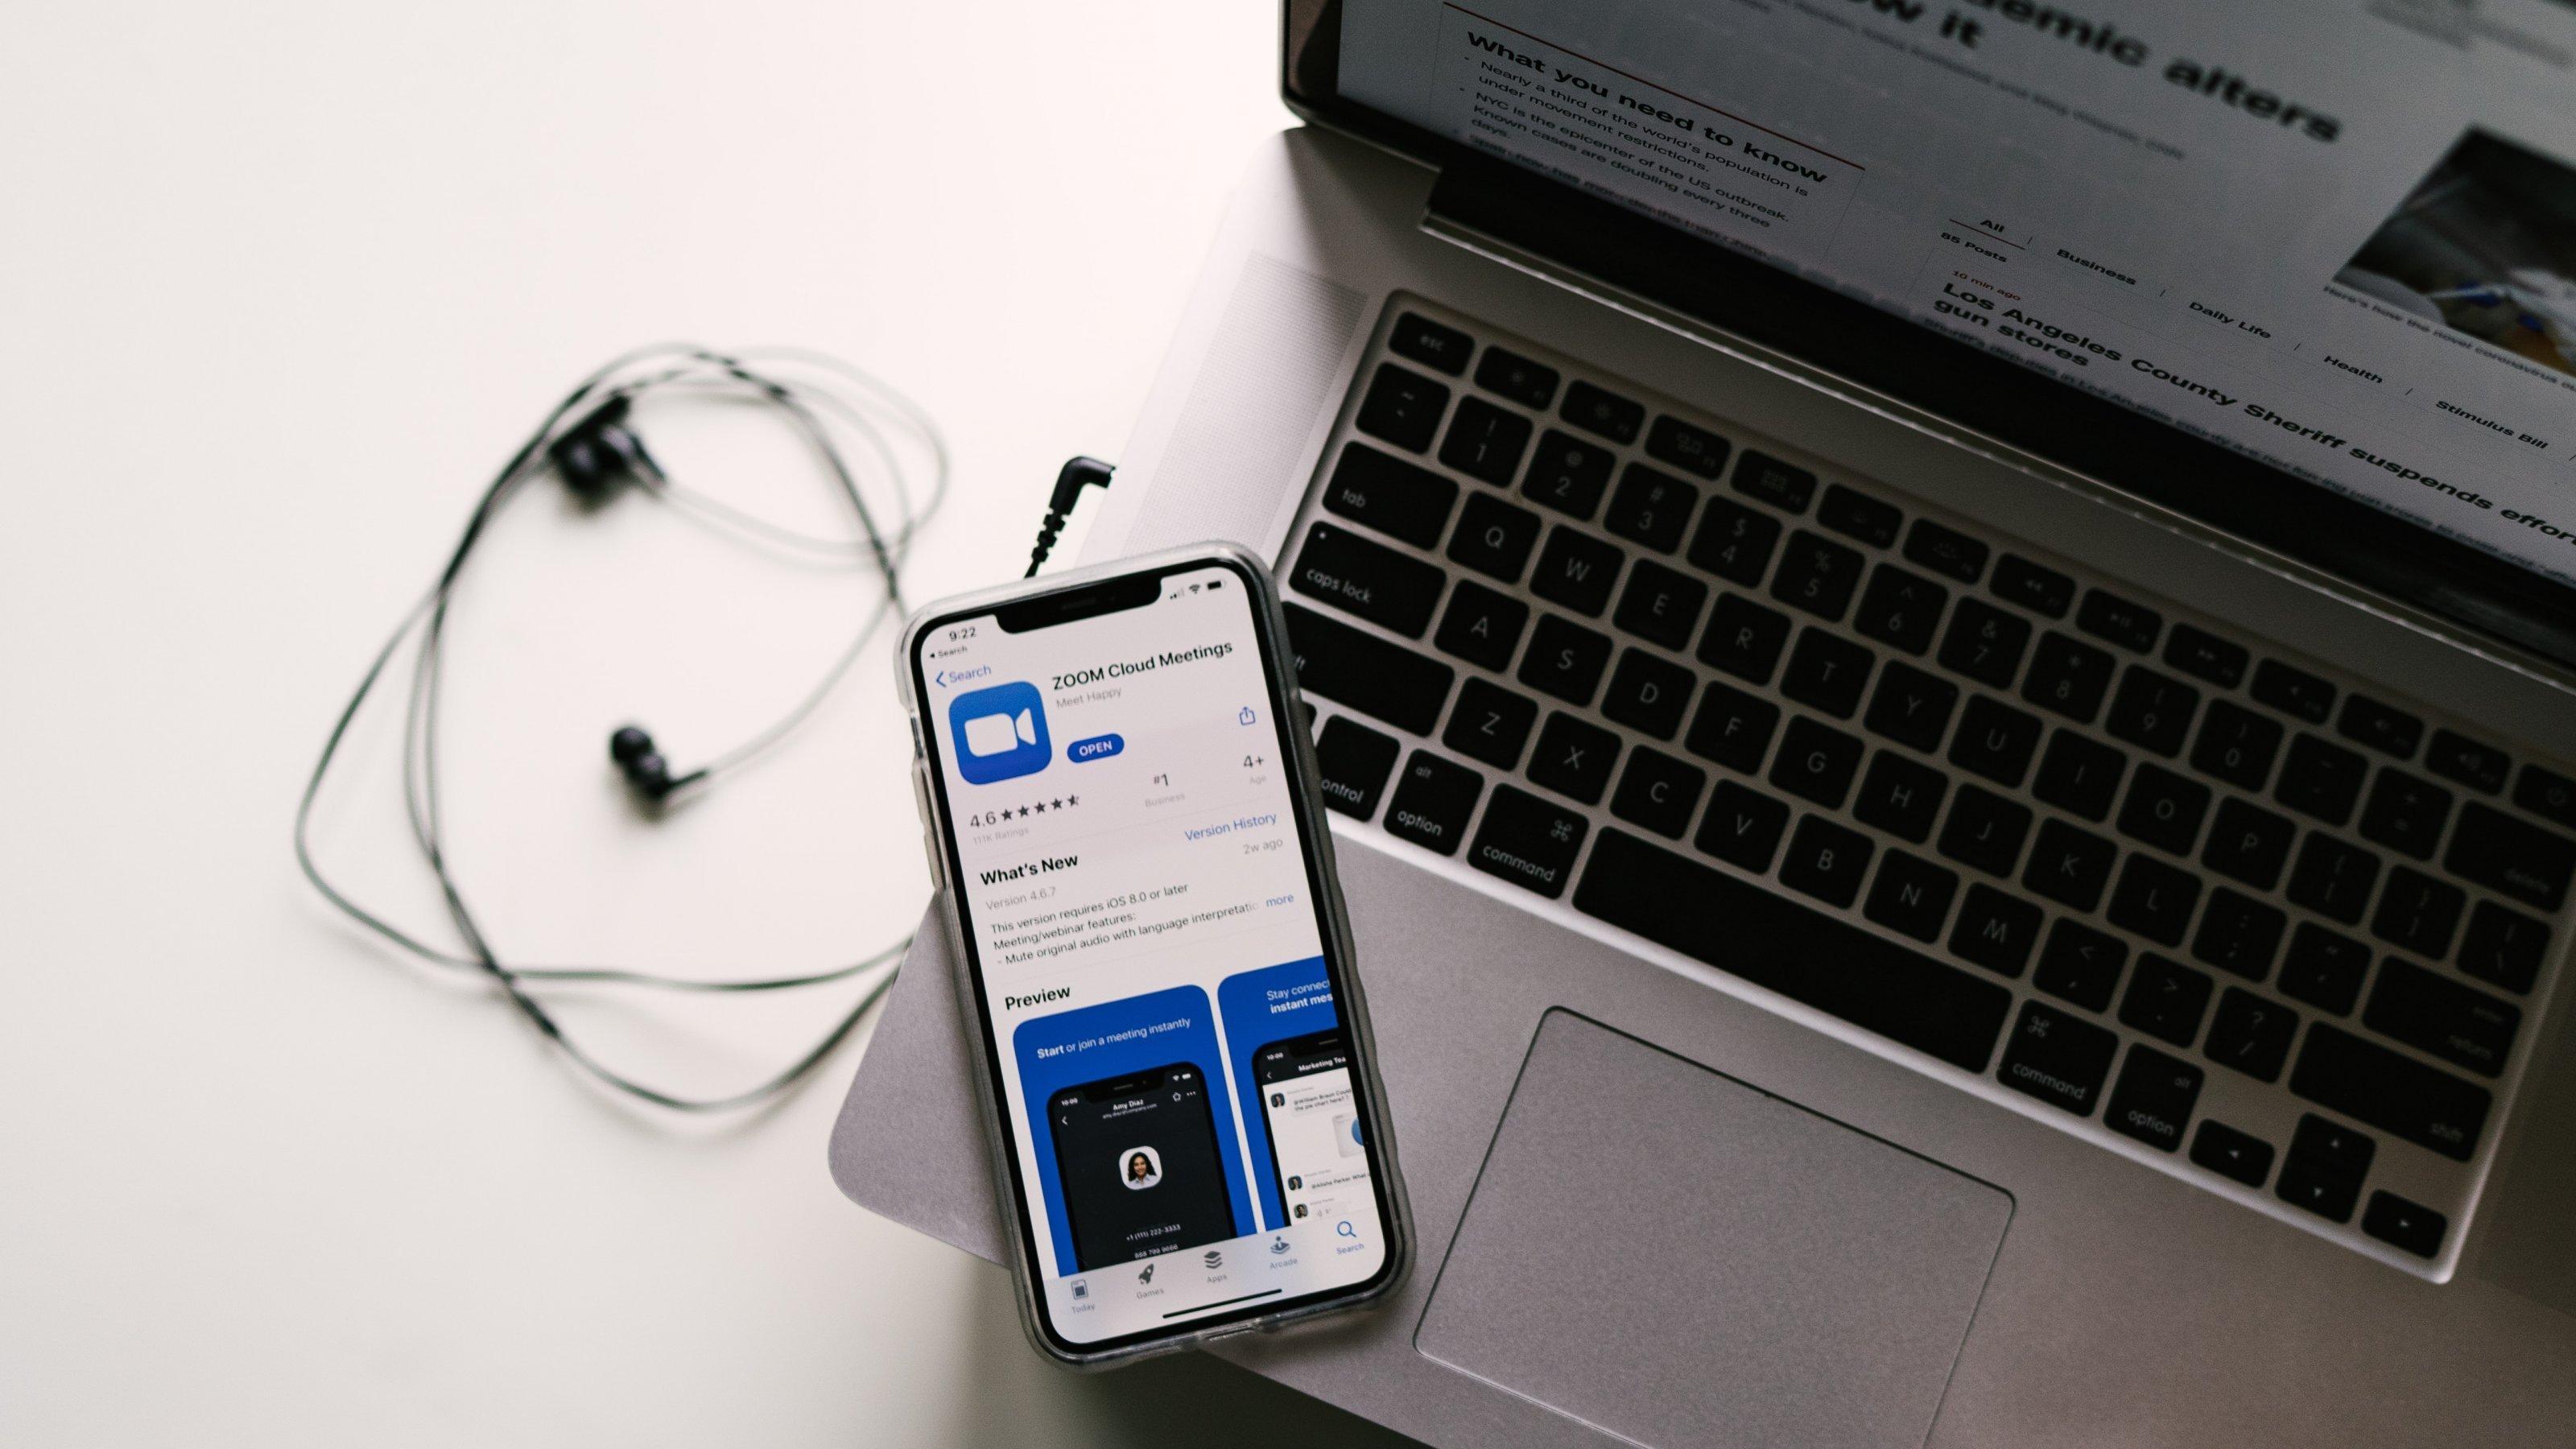 Auf einem Tisch steht ein Laptop mit angeschlossenen Kopfhörern. Auf dem Computer liegt ein Smartphone, auf dem gerade die Zoom-App installiert wird.